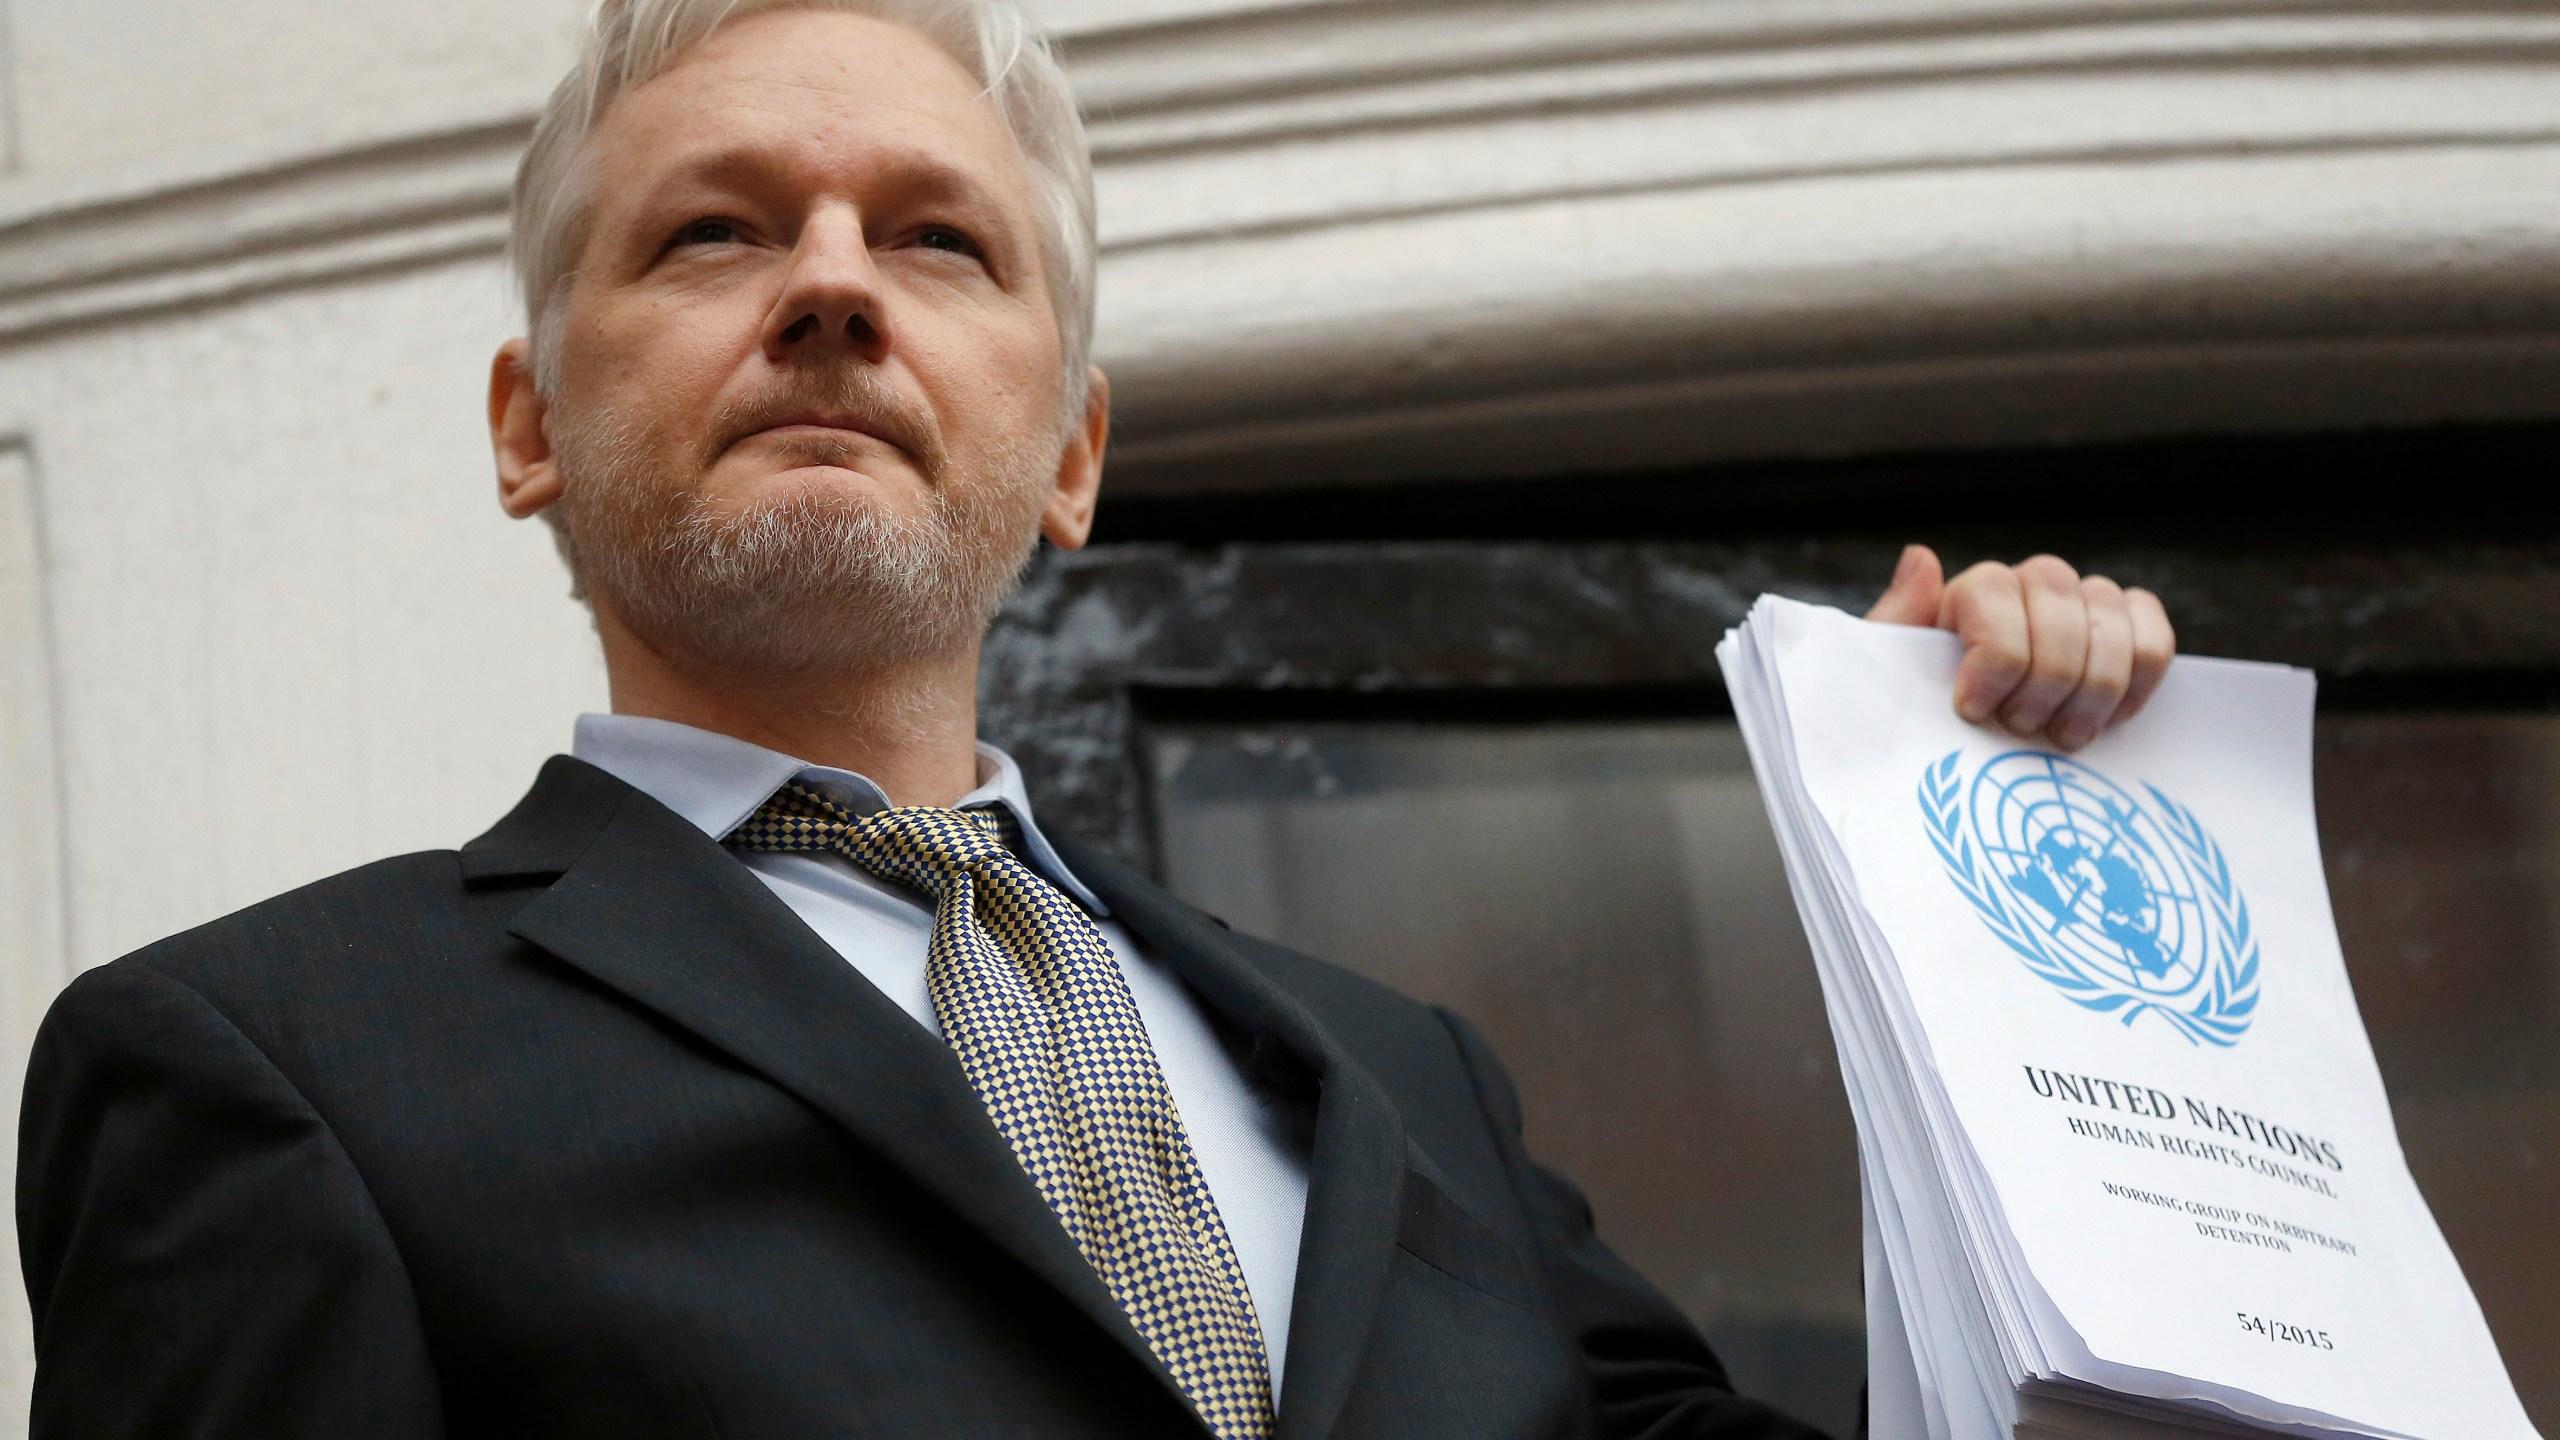 Britain__Assange_15706-159532.jpg81334749